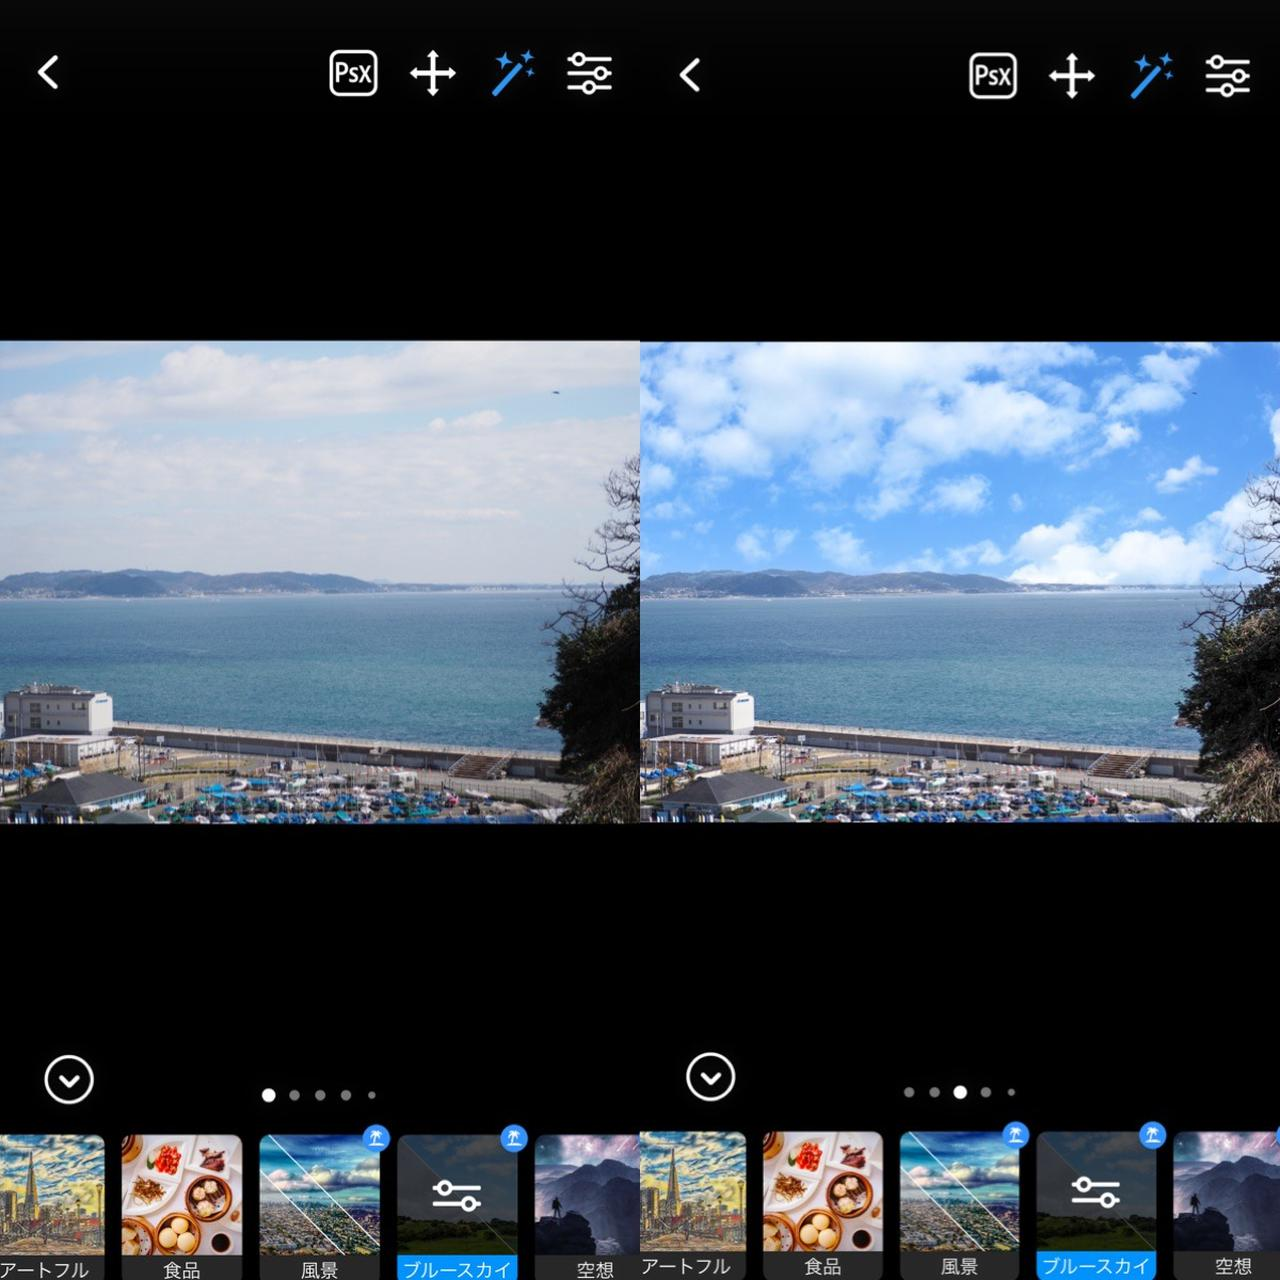 画像1: 空も自然に盛れちゃう!さすがのPhotoshopの技術です。